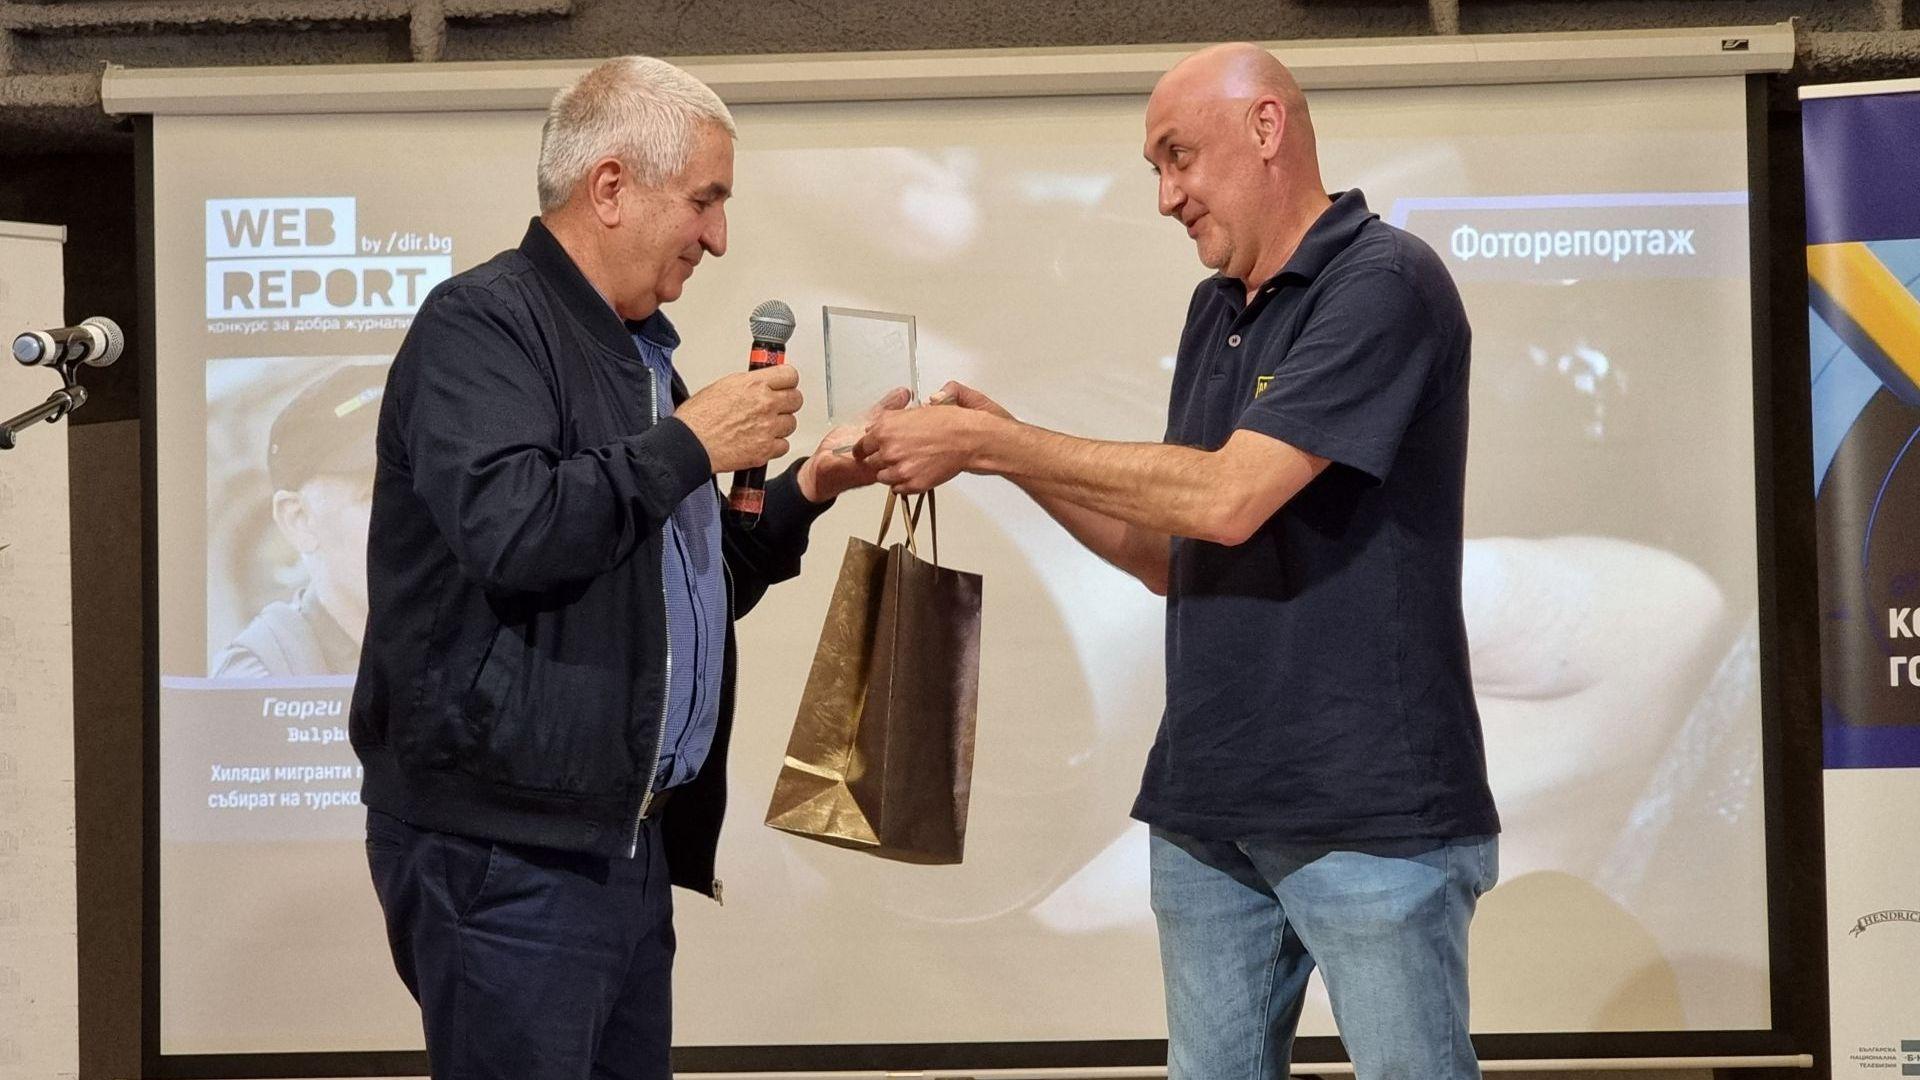 Иван Григоров връчи наградата на Георги Палейков.